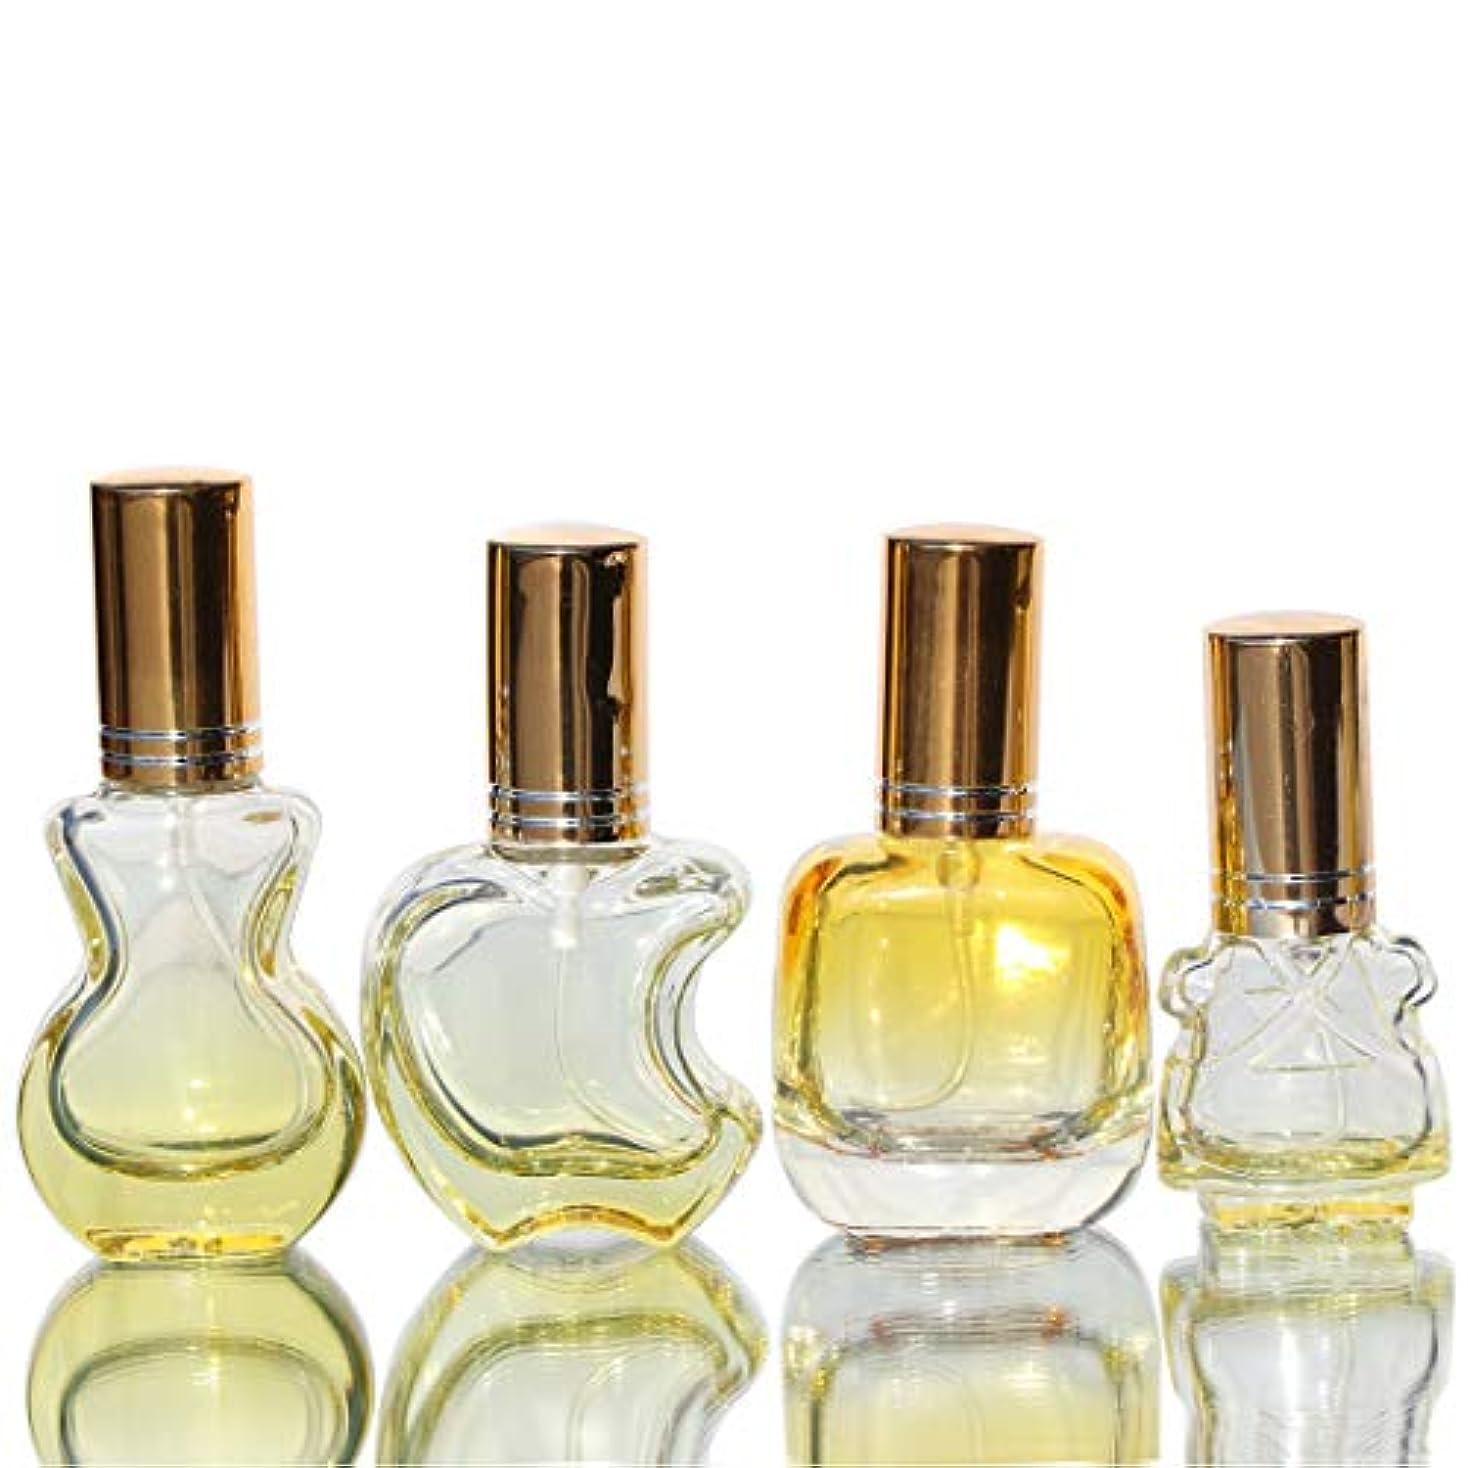 押し下げるむさぼり食う矩形Waltz&F カラフル ガラス製香水瓶 フレグランスボトル 詰替用瓶 空き アトマイザー 分け瓶 旅行用品 化粧水用瓶